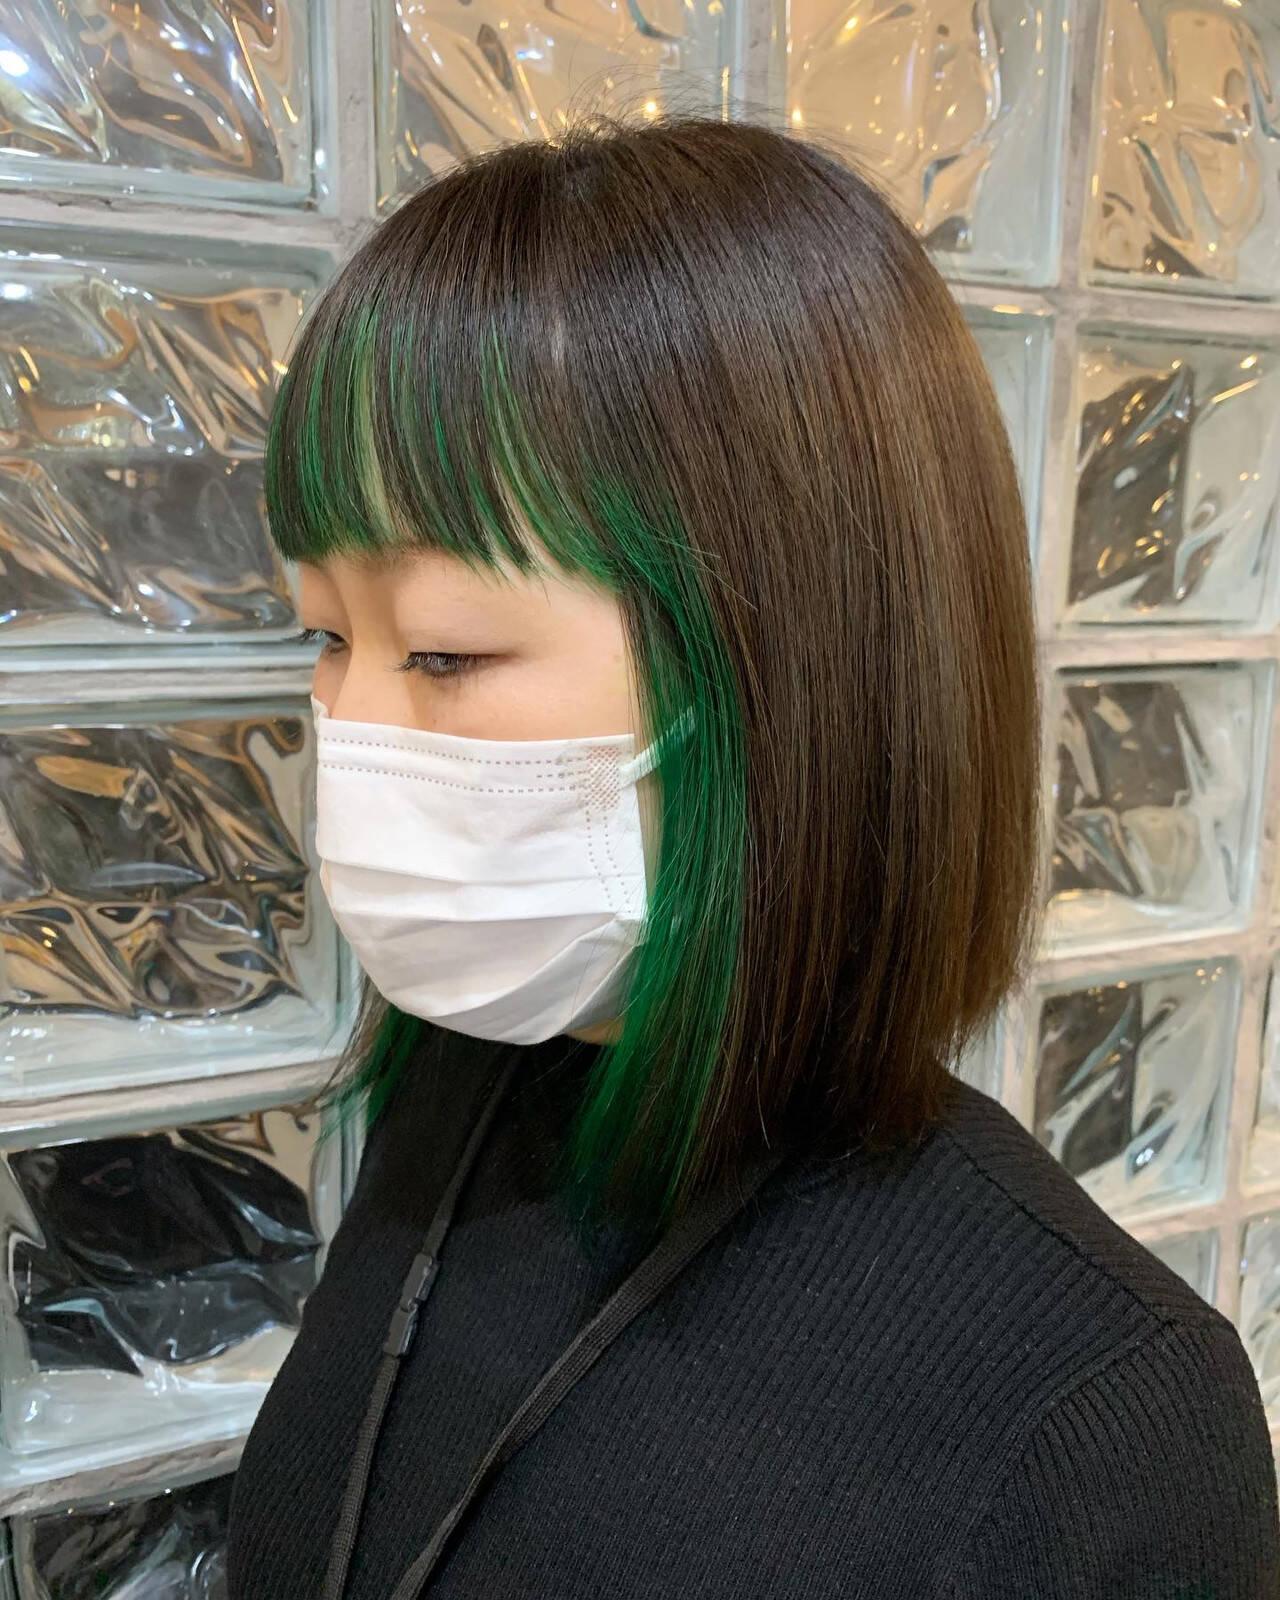 インナーグリーン ミディアム ナチュラル ブリーチカラーヘアスタイルや髪型の写真・画像